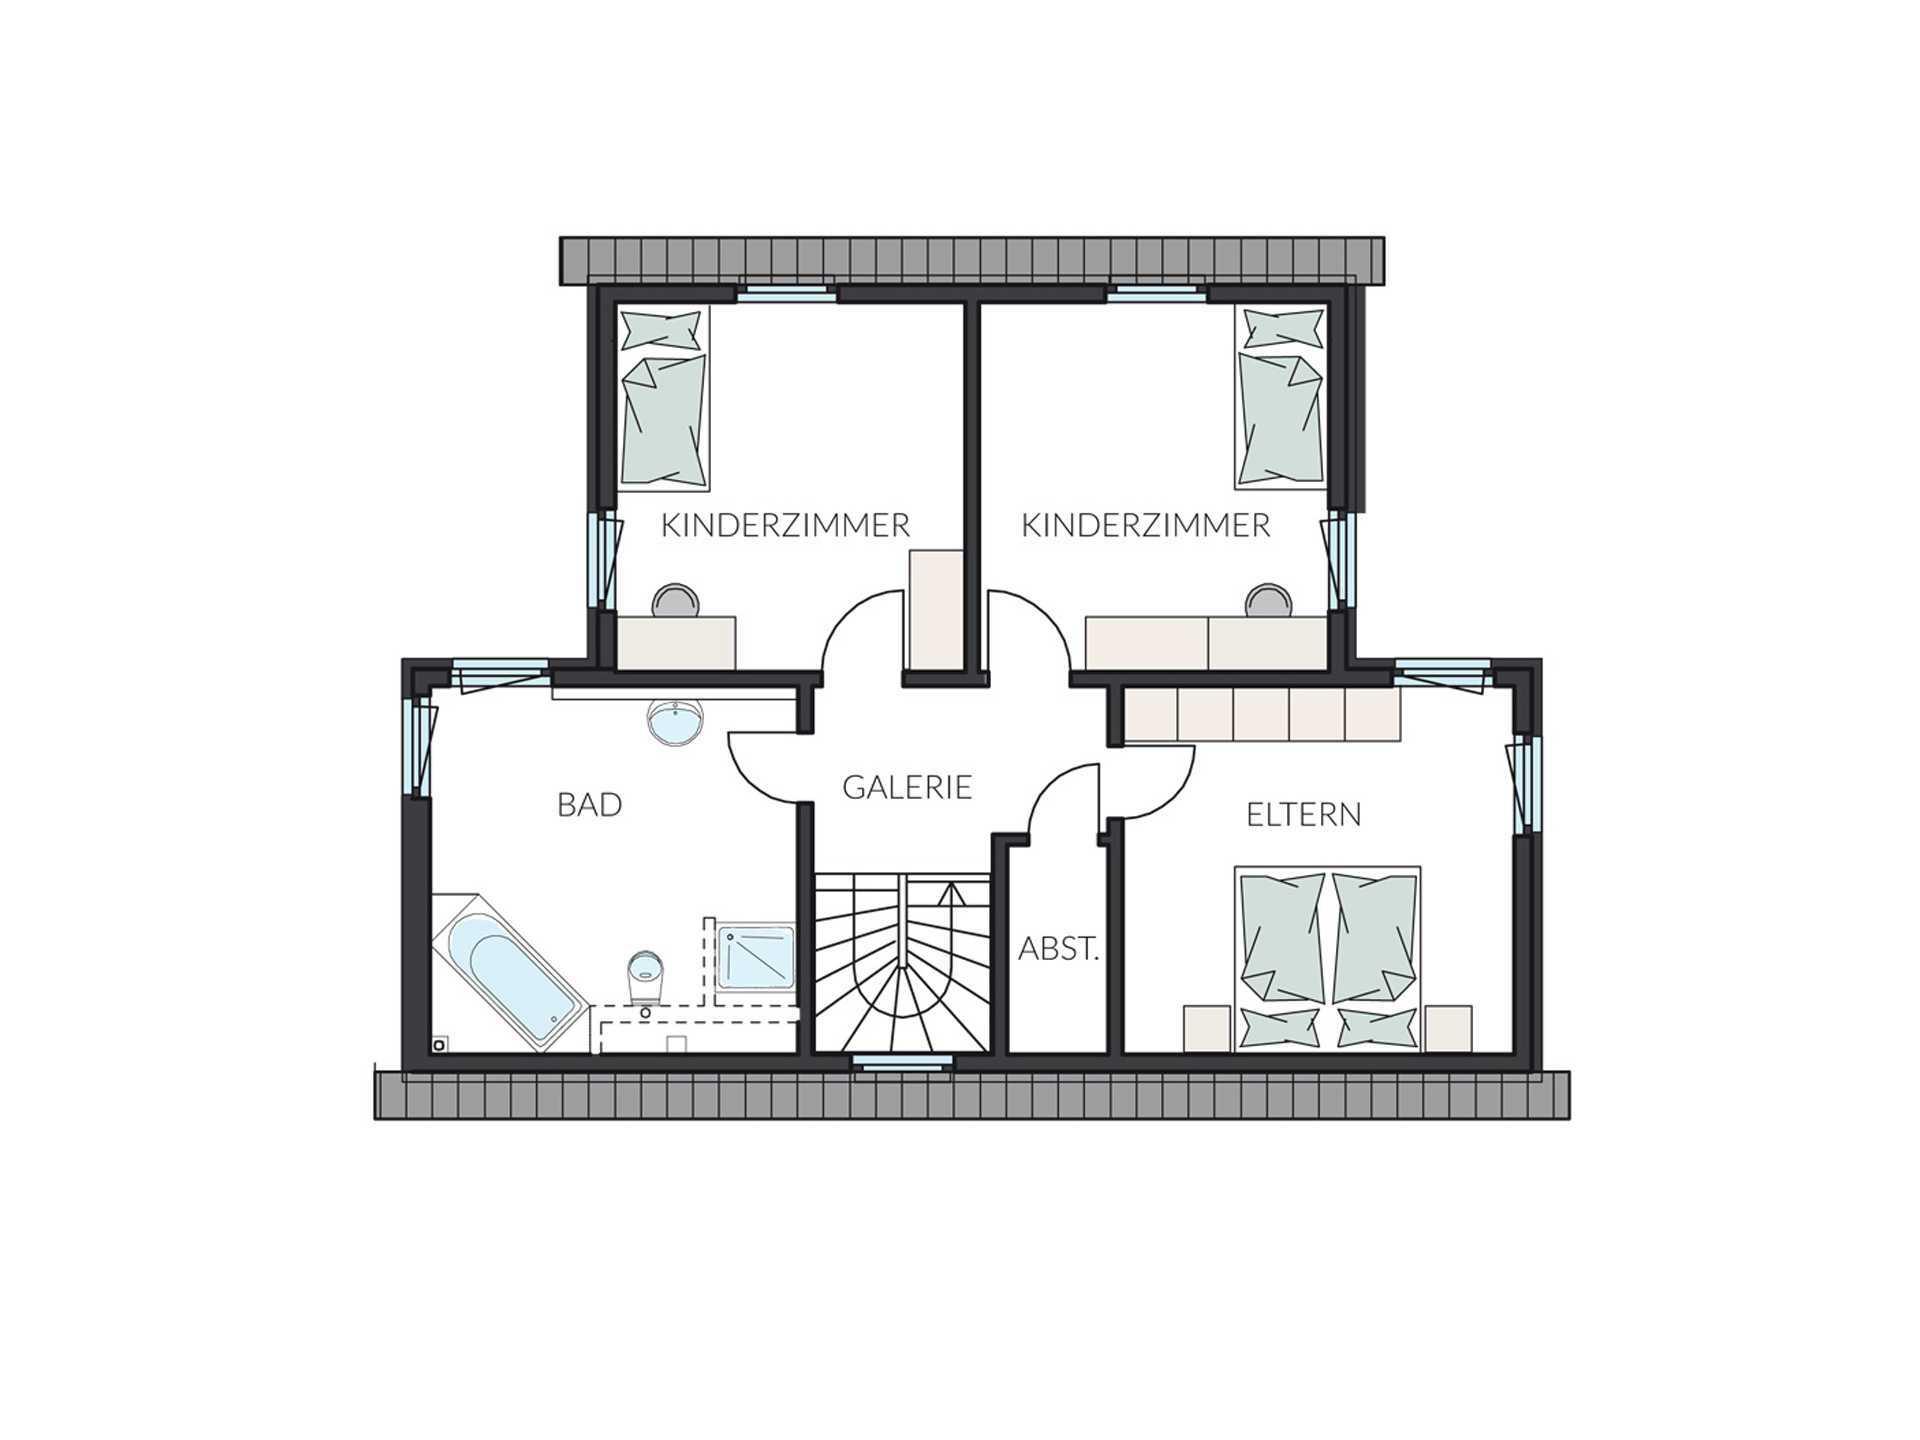 Automatisch gespeicherter Entwurf - Eine Nahaufnahme einer Uhr - Gebäudeplan